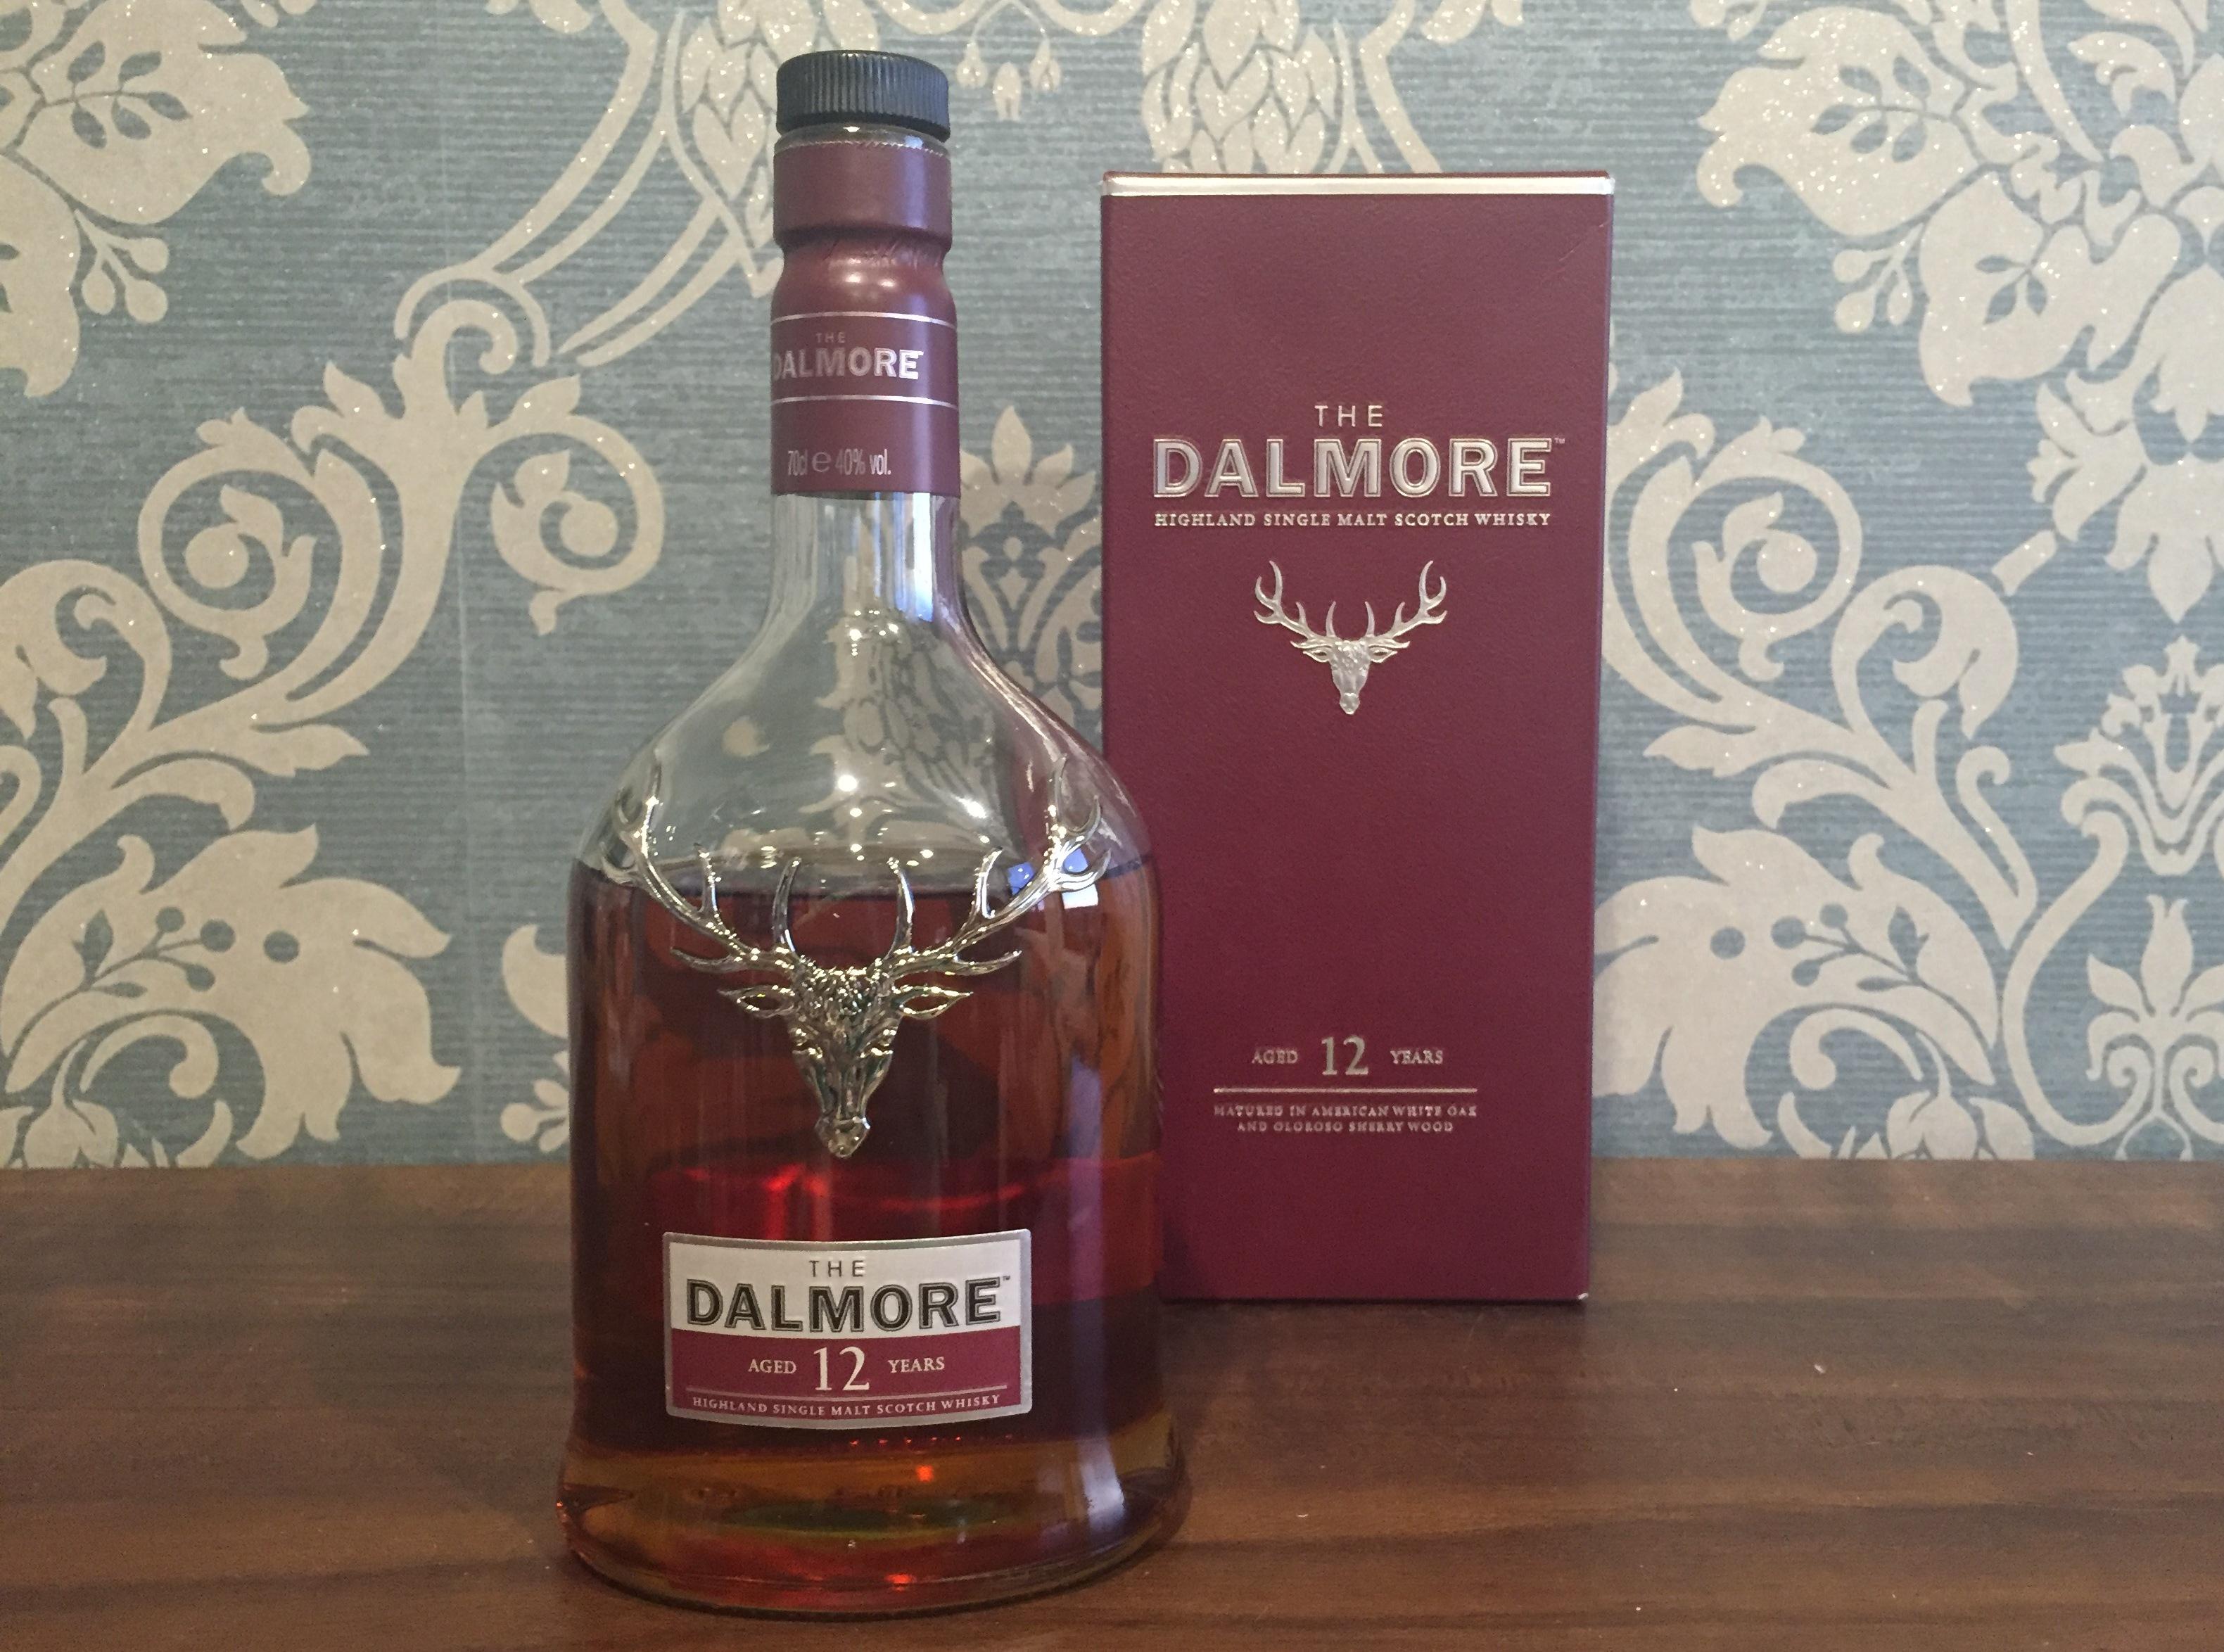 Dalmore 12